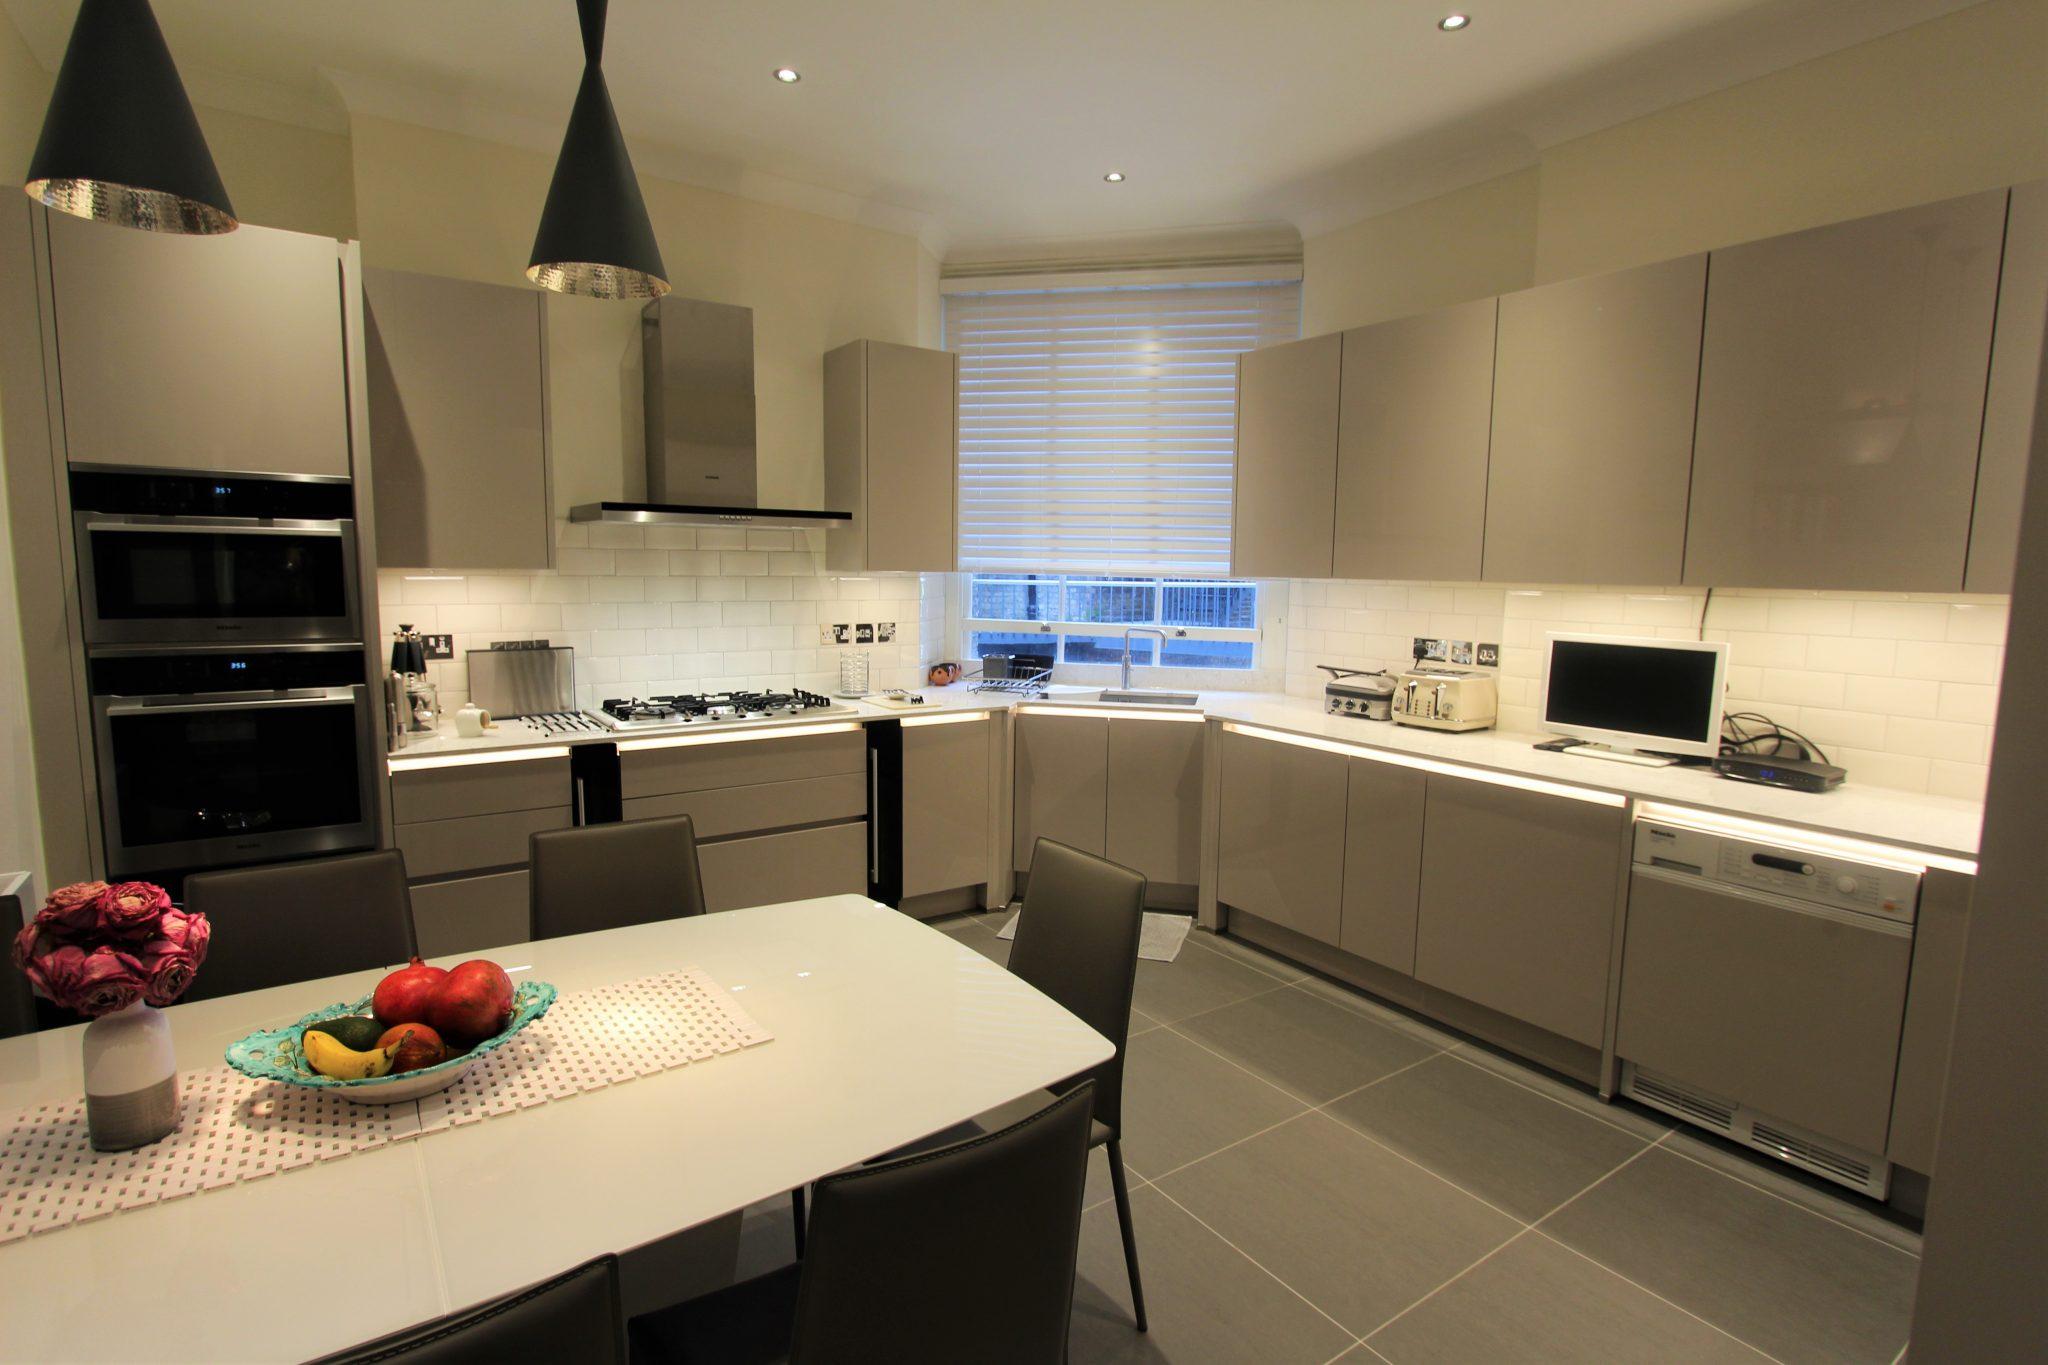 Leicht Kitchen showroom wimbledon